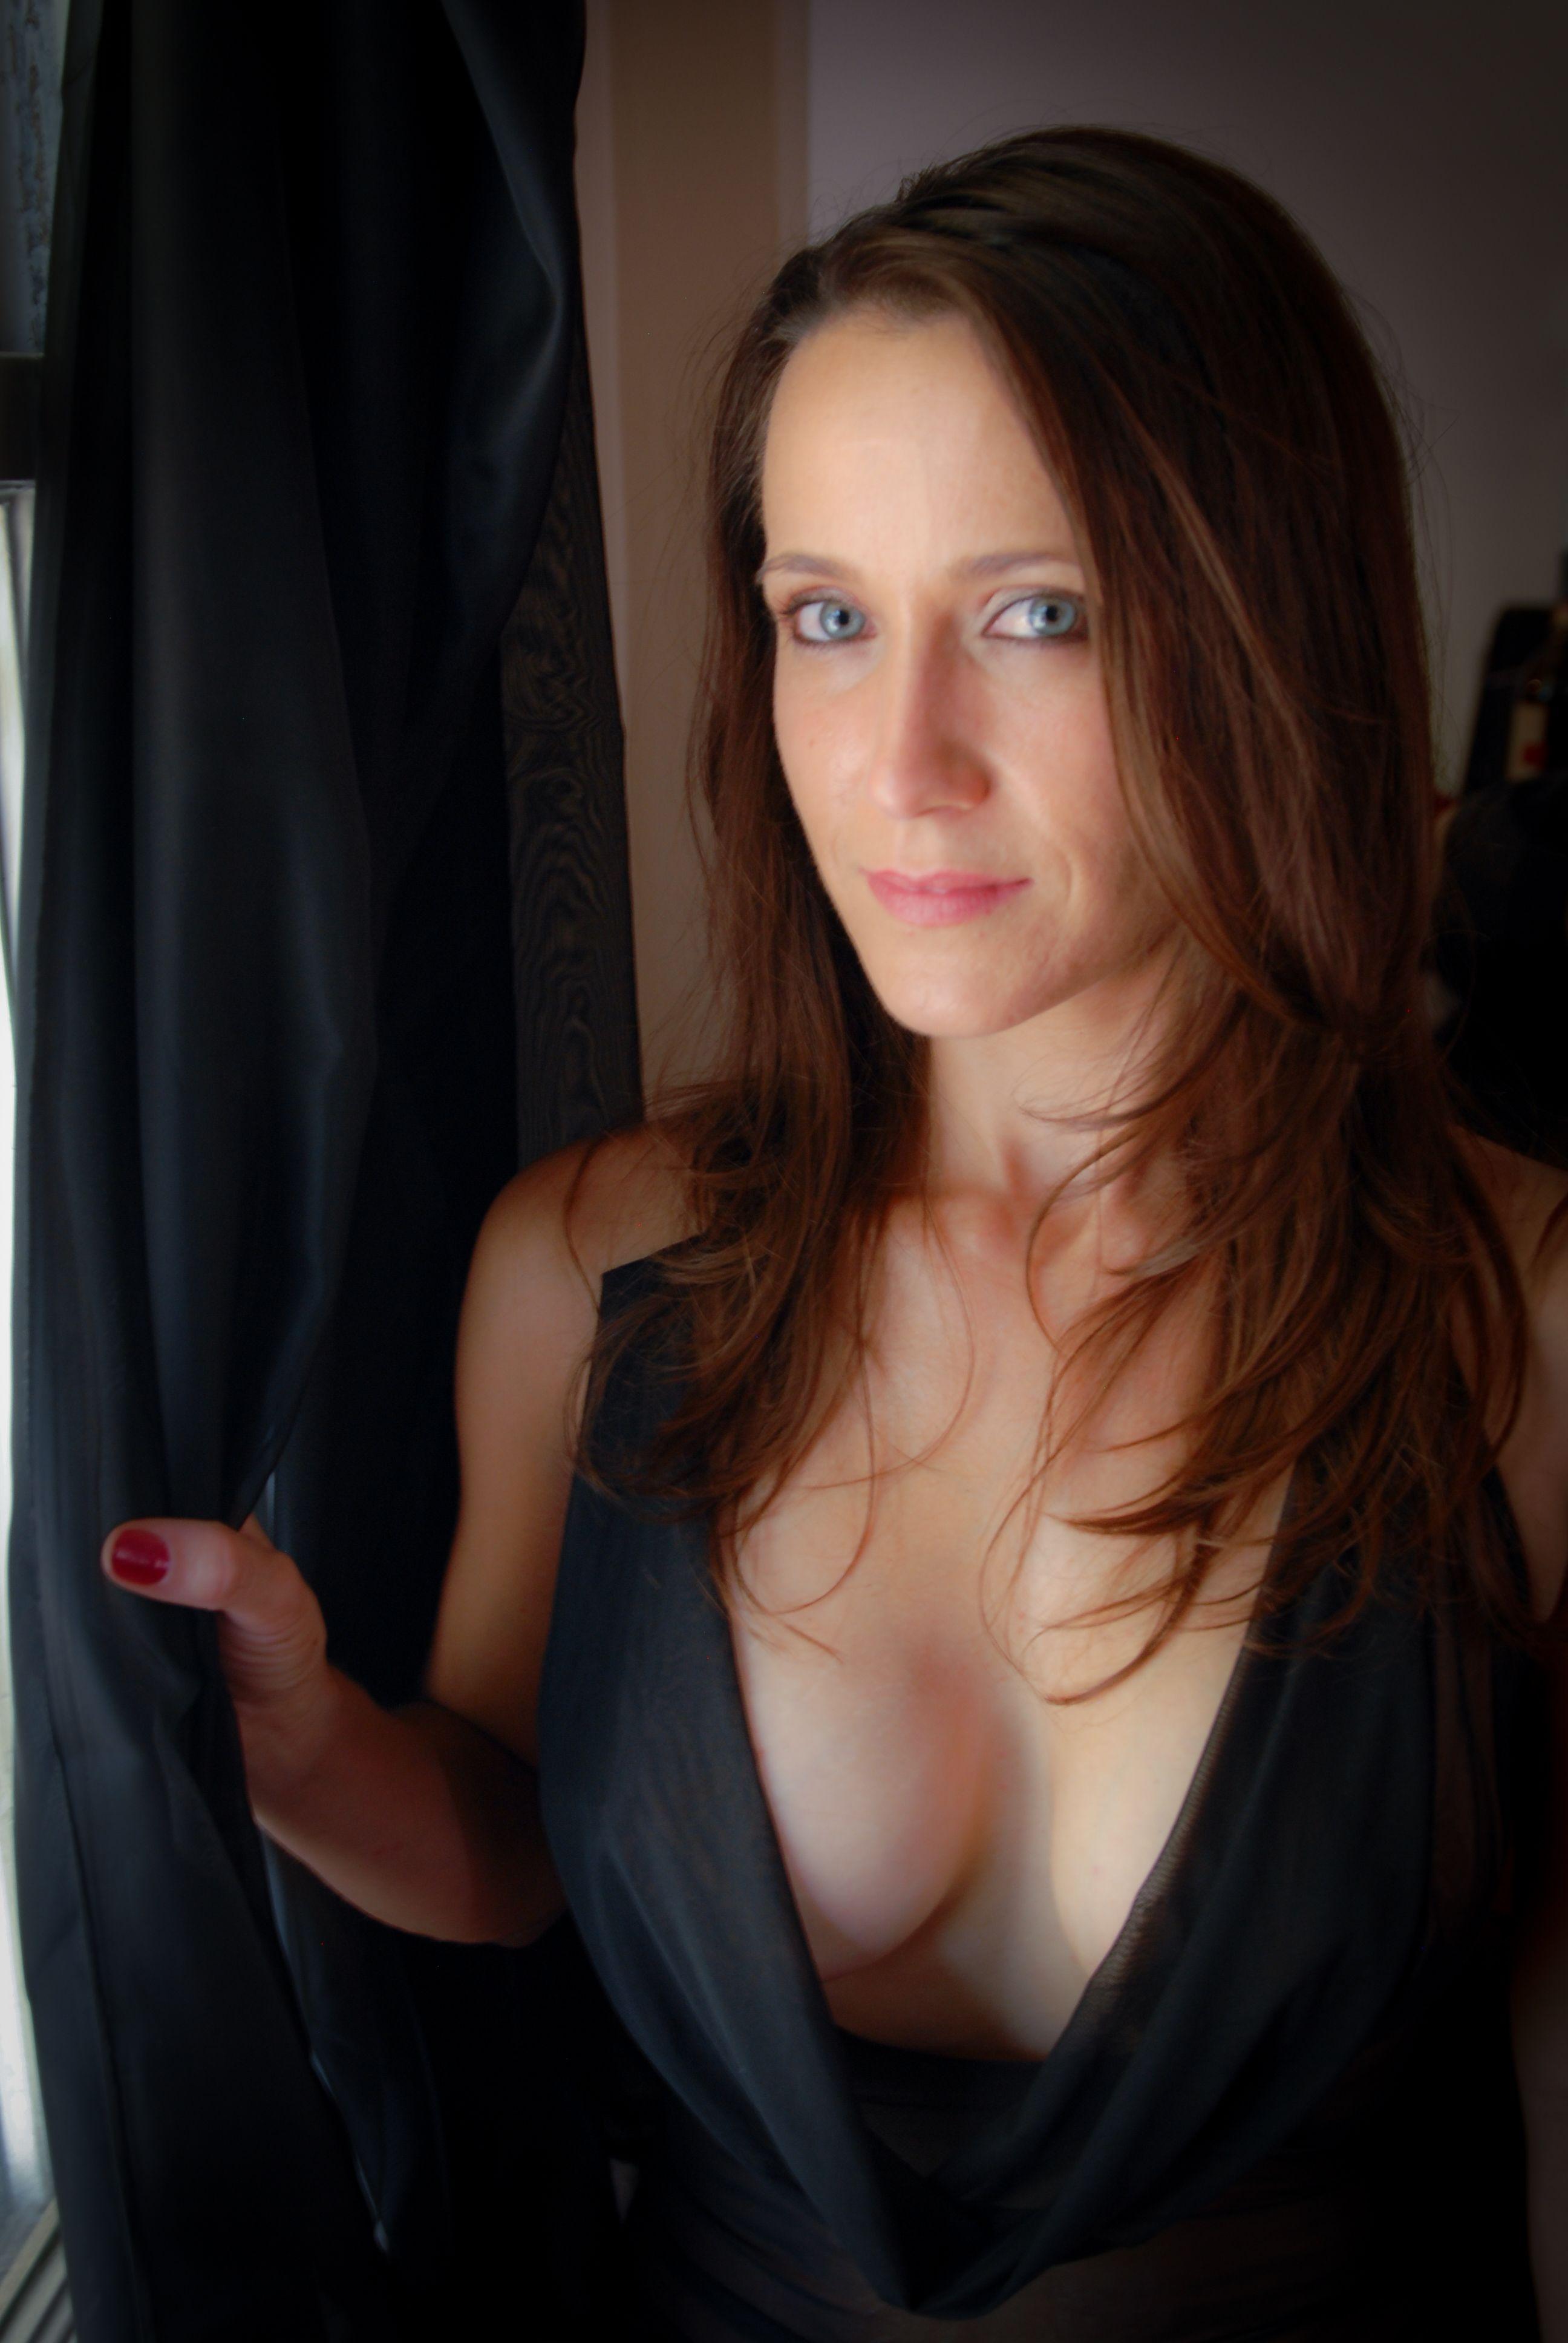 Boudoir shoot at home comfortable boudoir